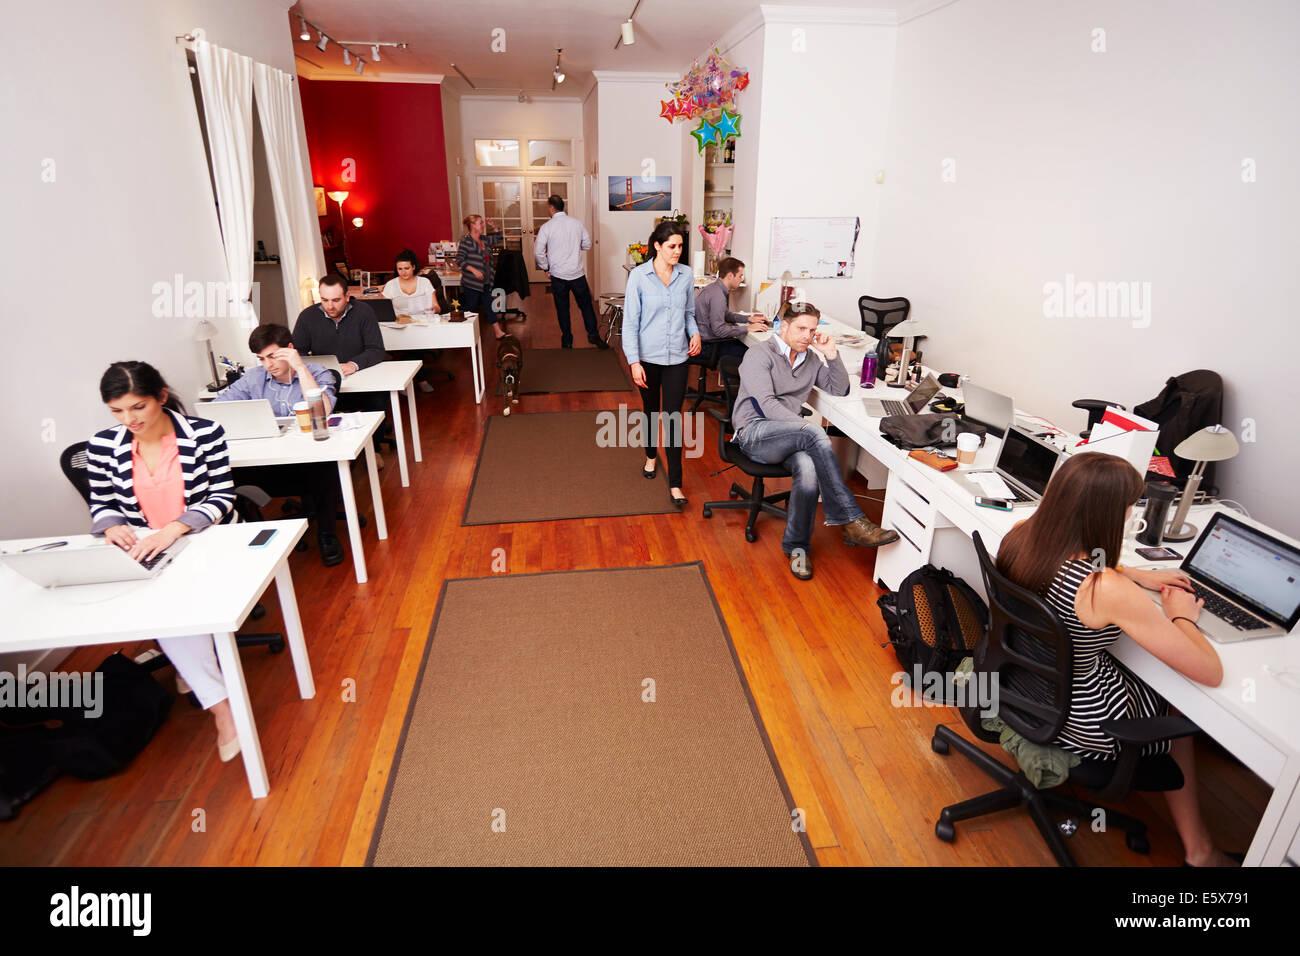 Las personas en el trabajo en la oficina moderna ocupado Imagen De Stock